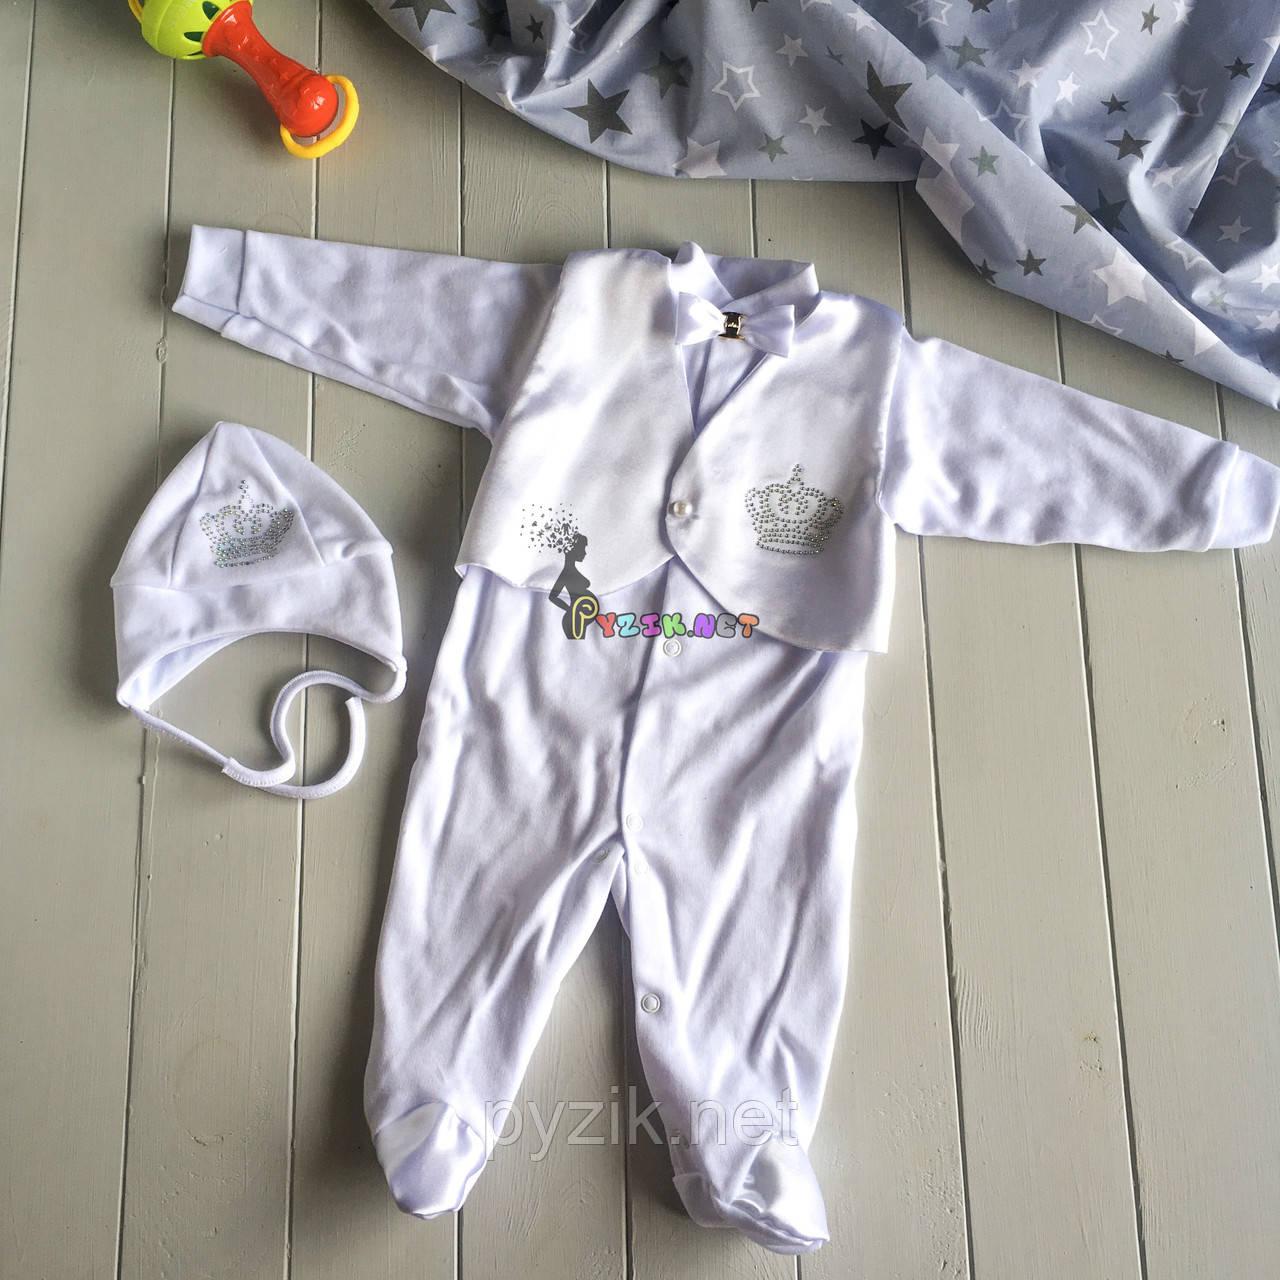 Крестильный набор для новорожденного (человечек+шапочка) Сеньор 4